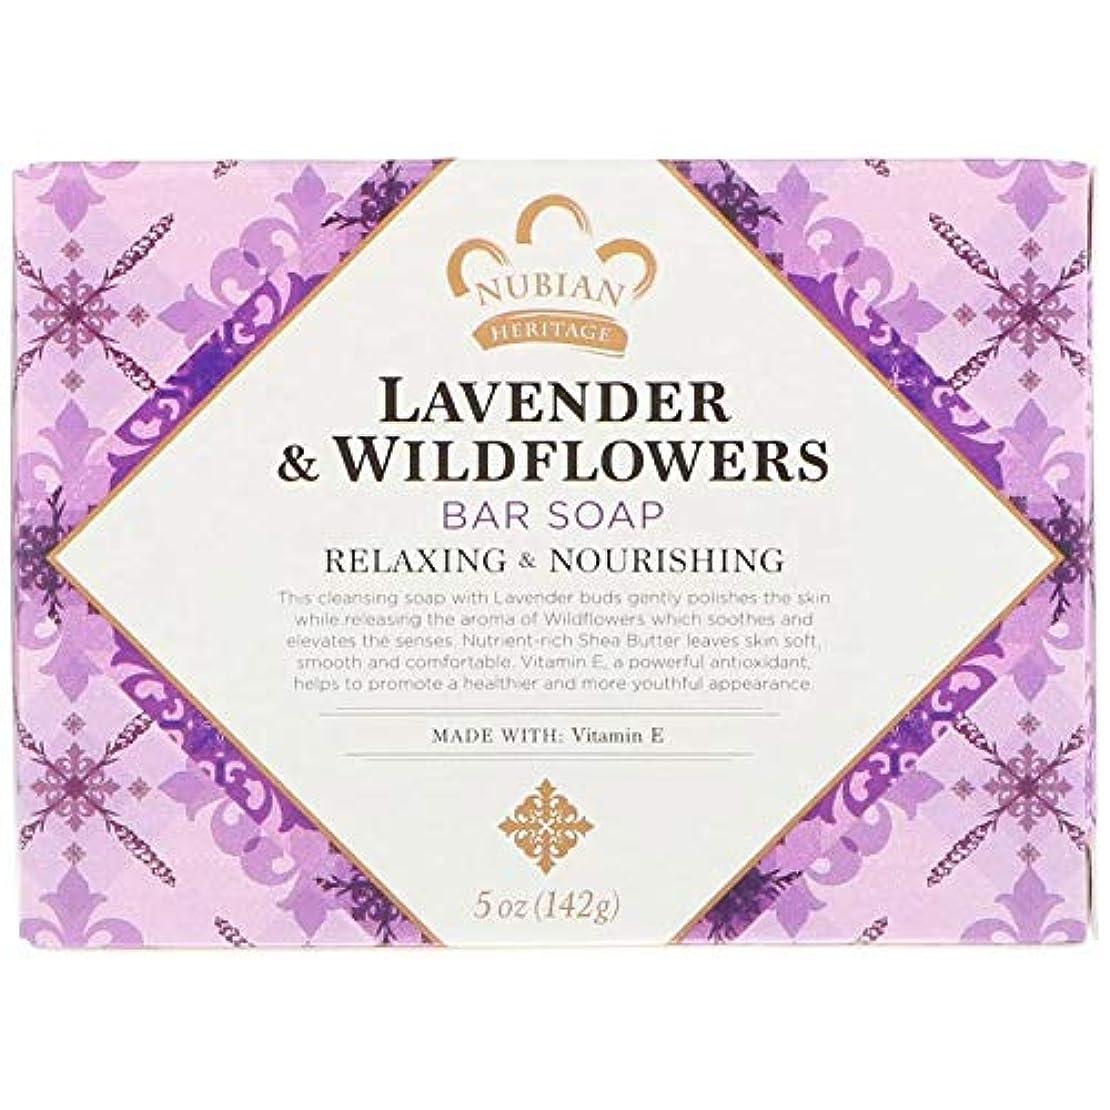 マイク才能アラブ人シアバターソープ石鹸 ラベンダー&ワイルドフラワー Lavender & Wildflowers Bar Soap, 5 oz (142 g) [並行輸入品]